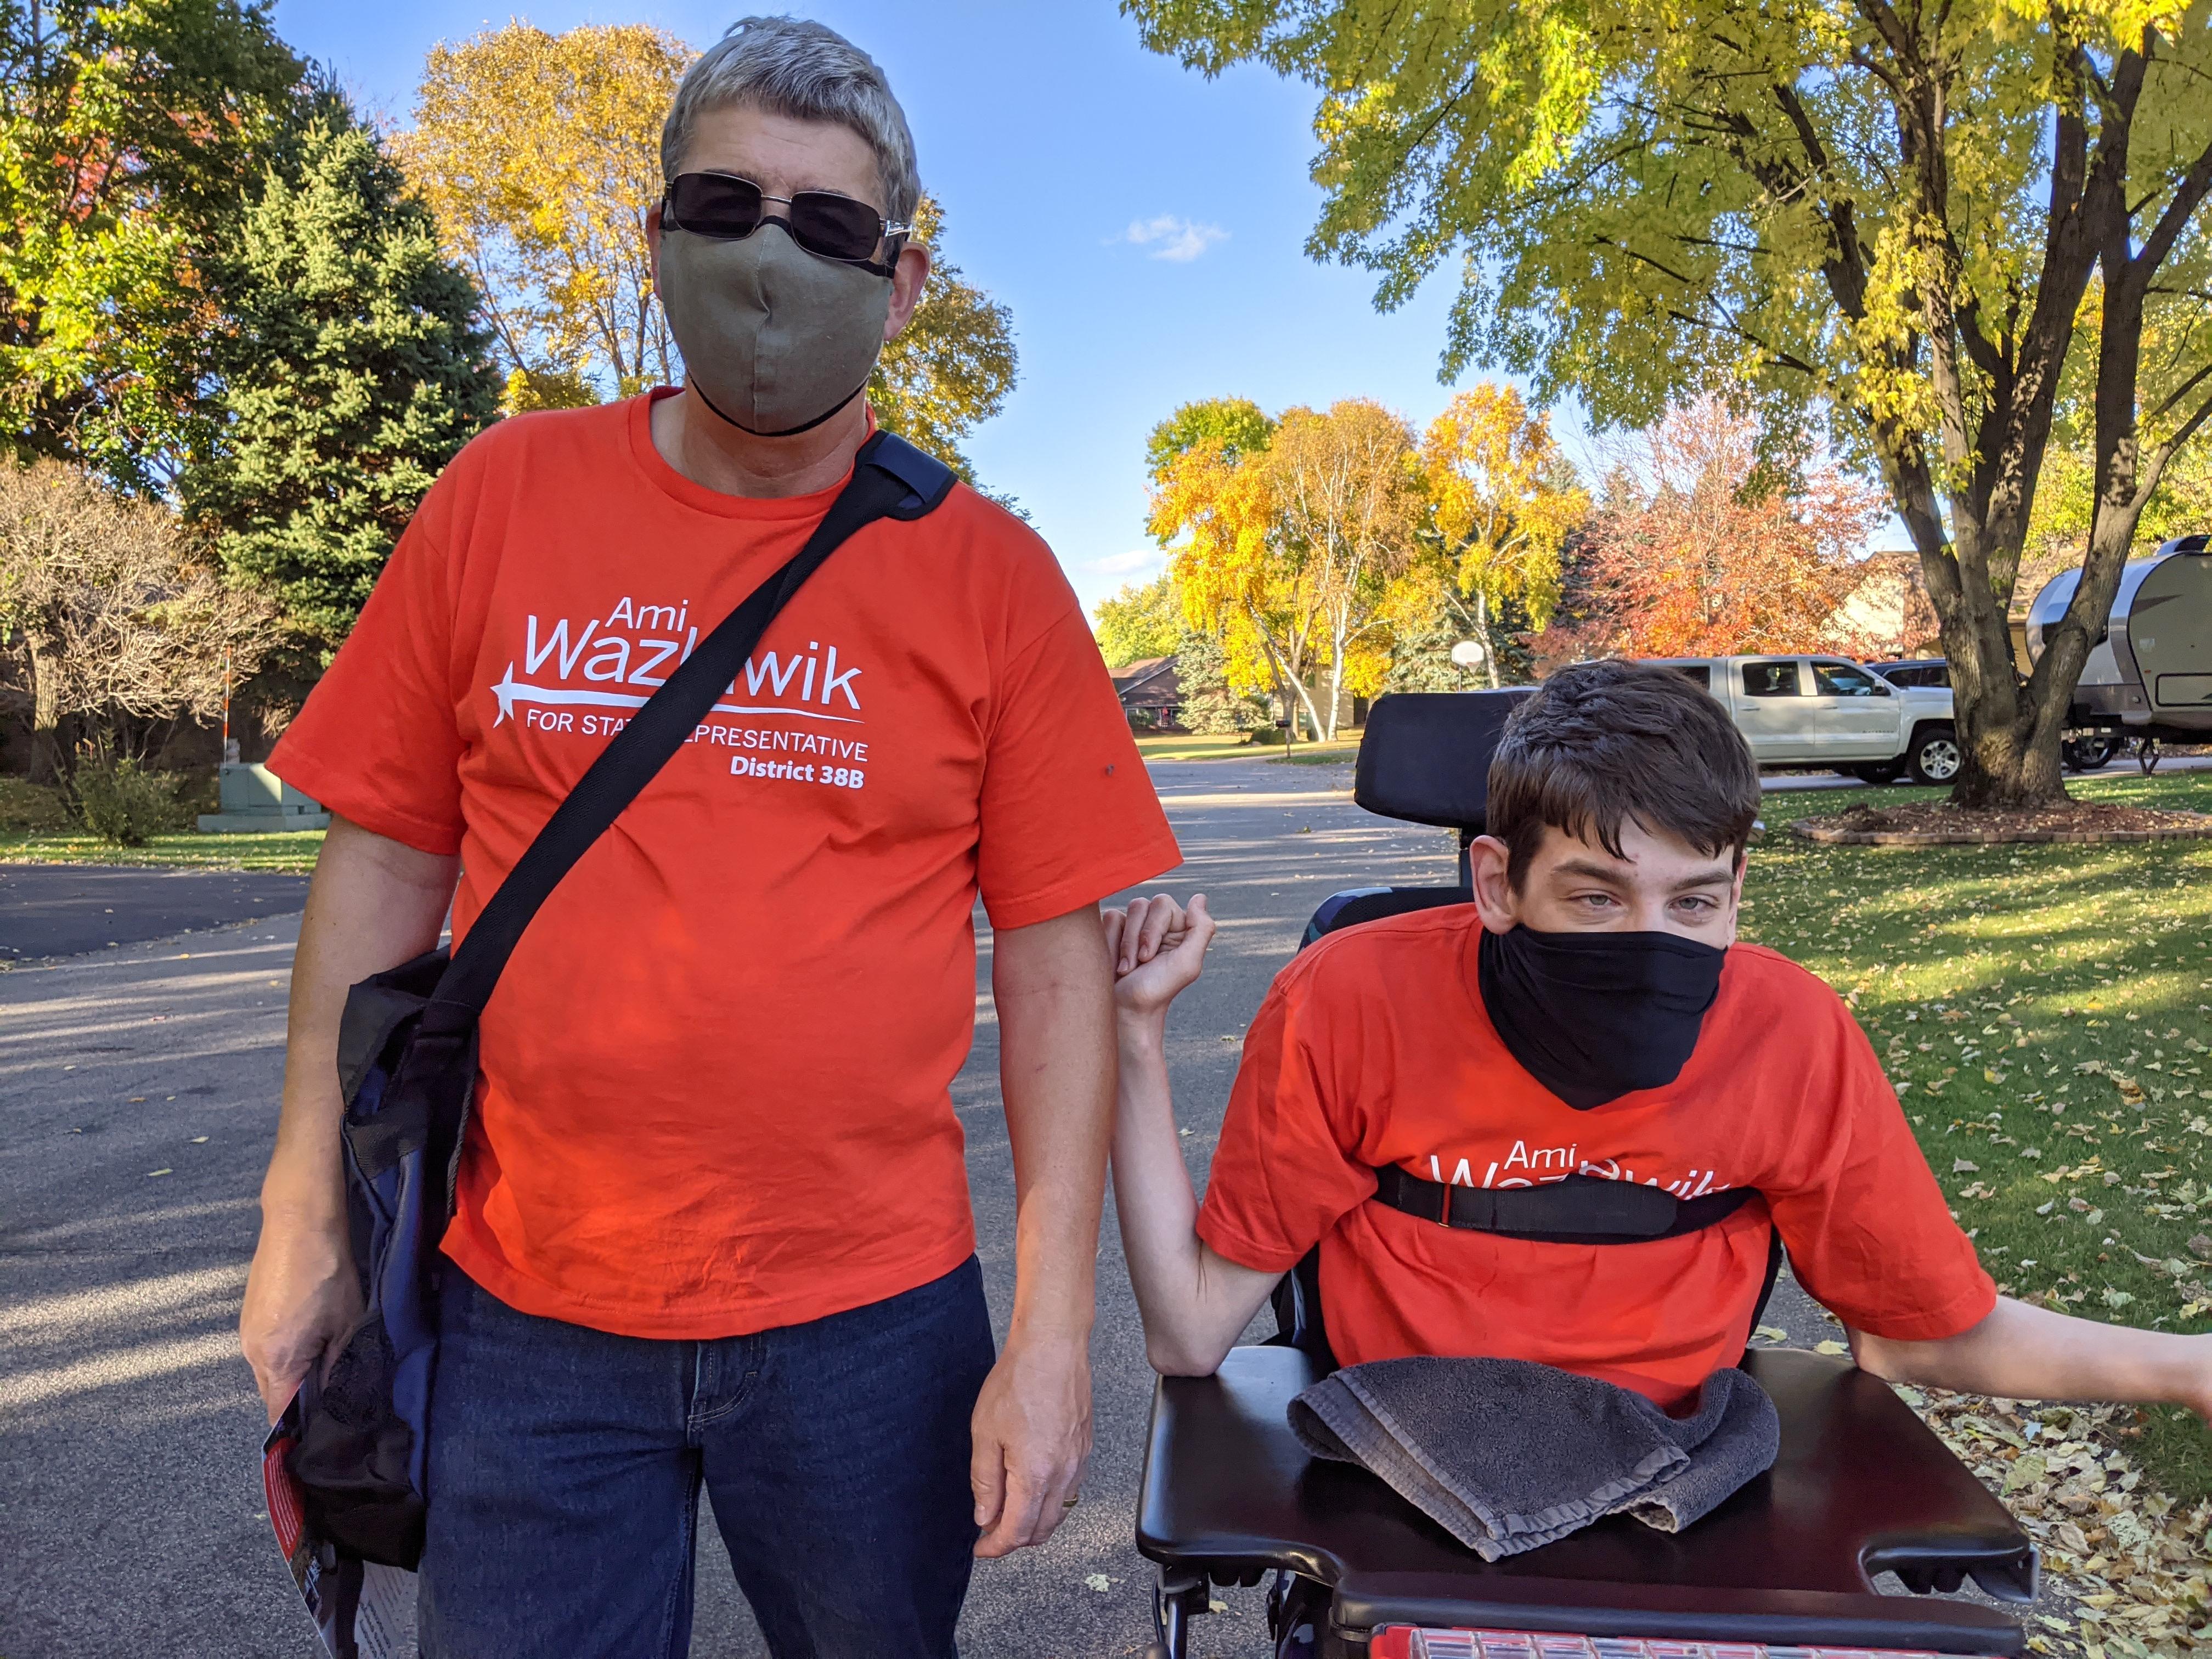 Justin and his dad wearing masks, wearing Ami Wazlawik t-shirts, on neighborhood street